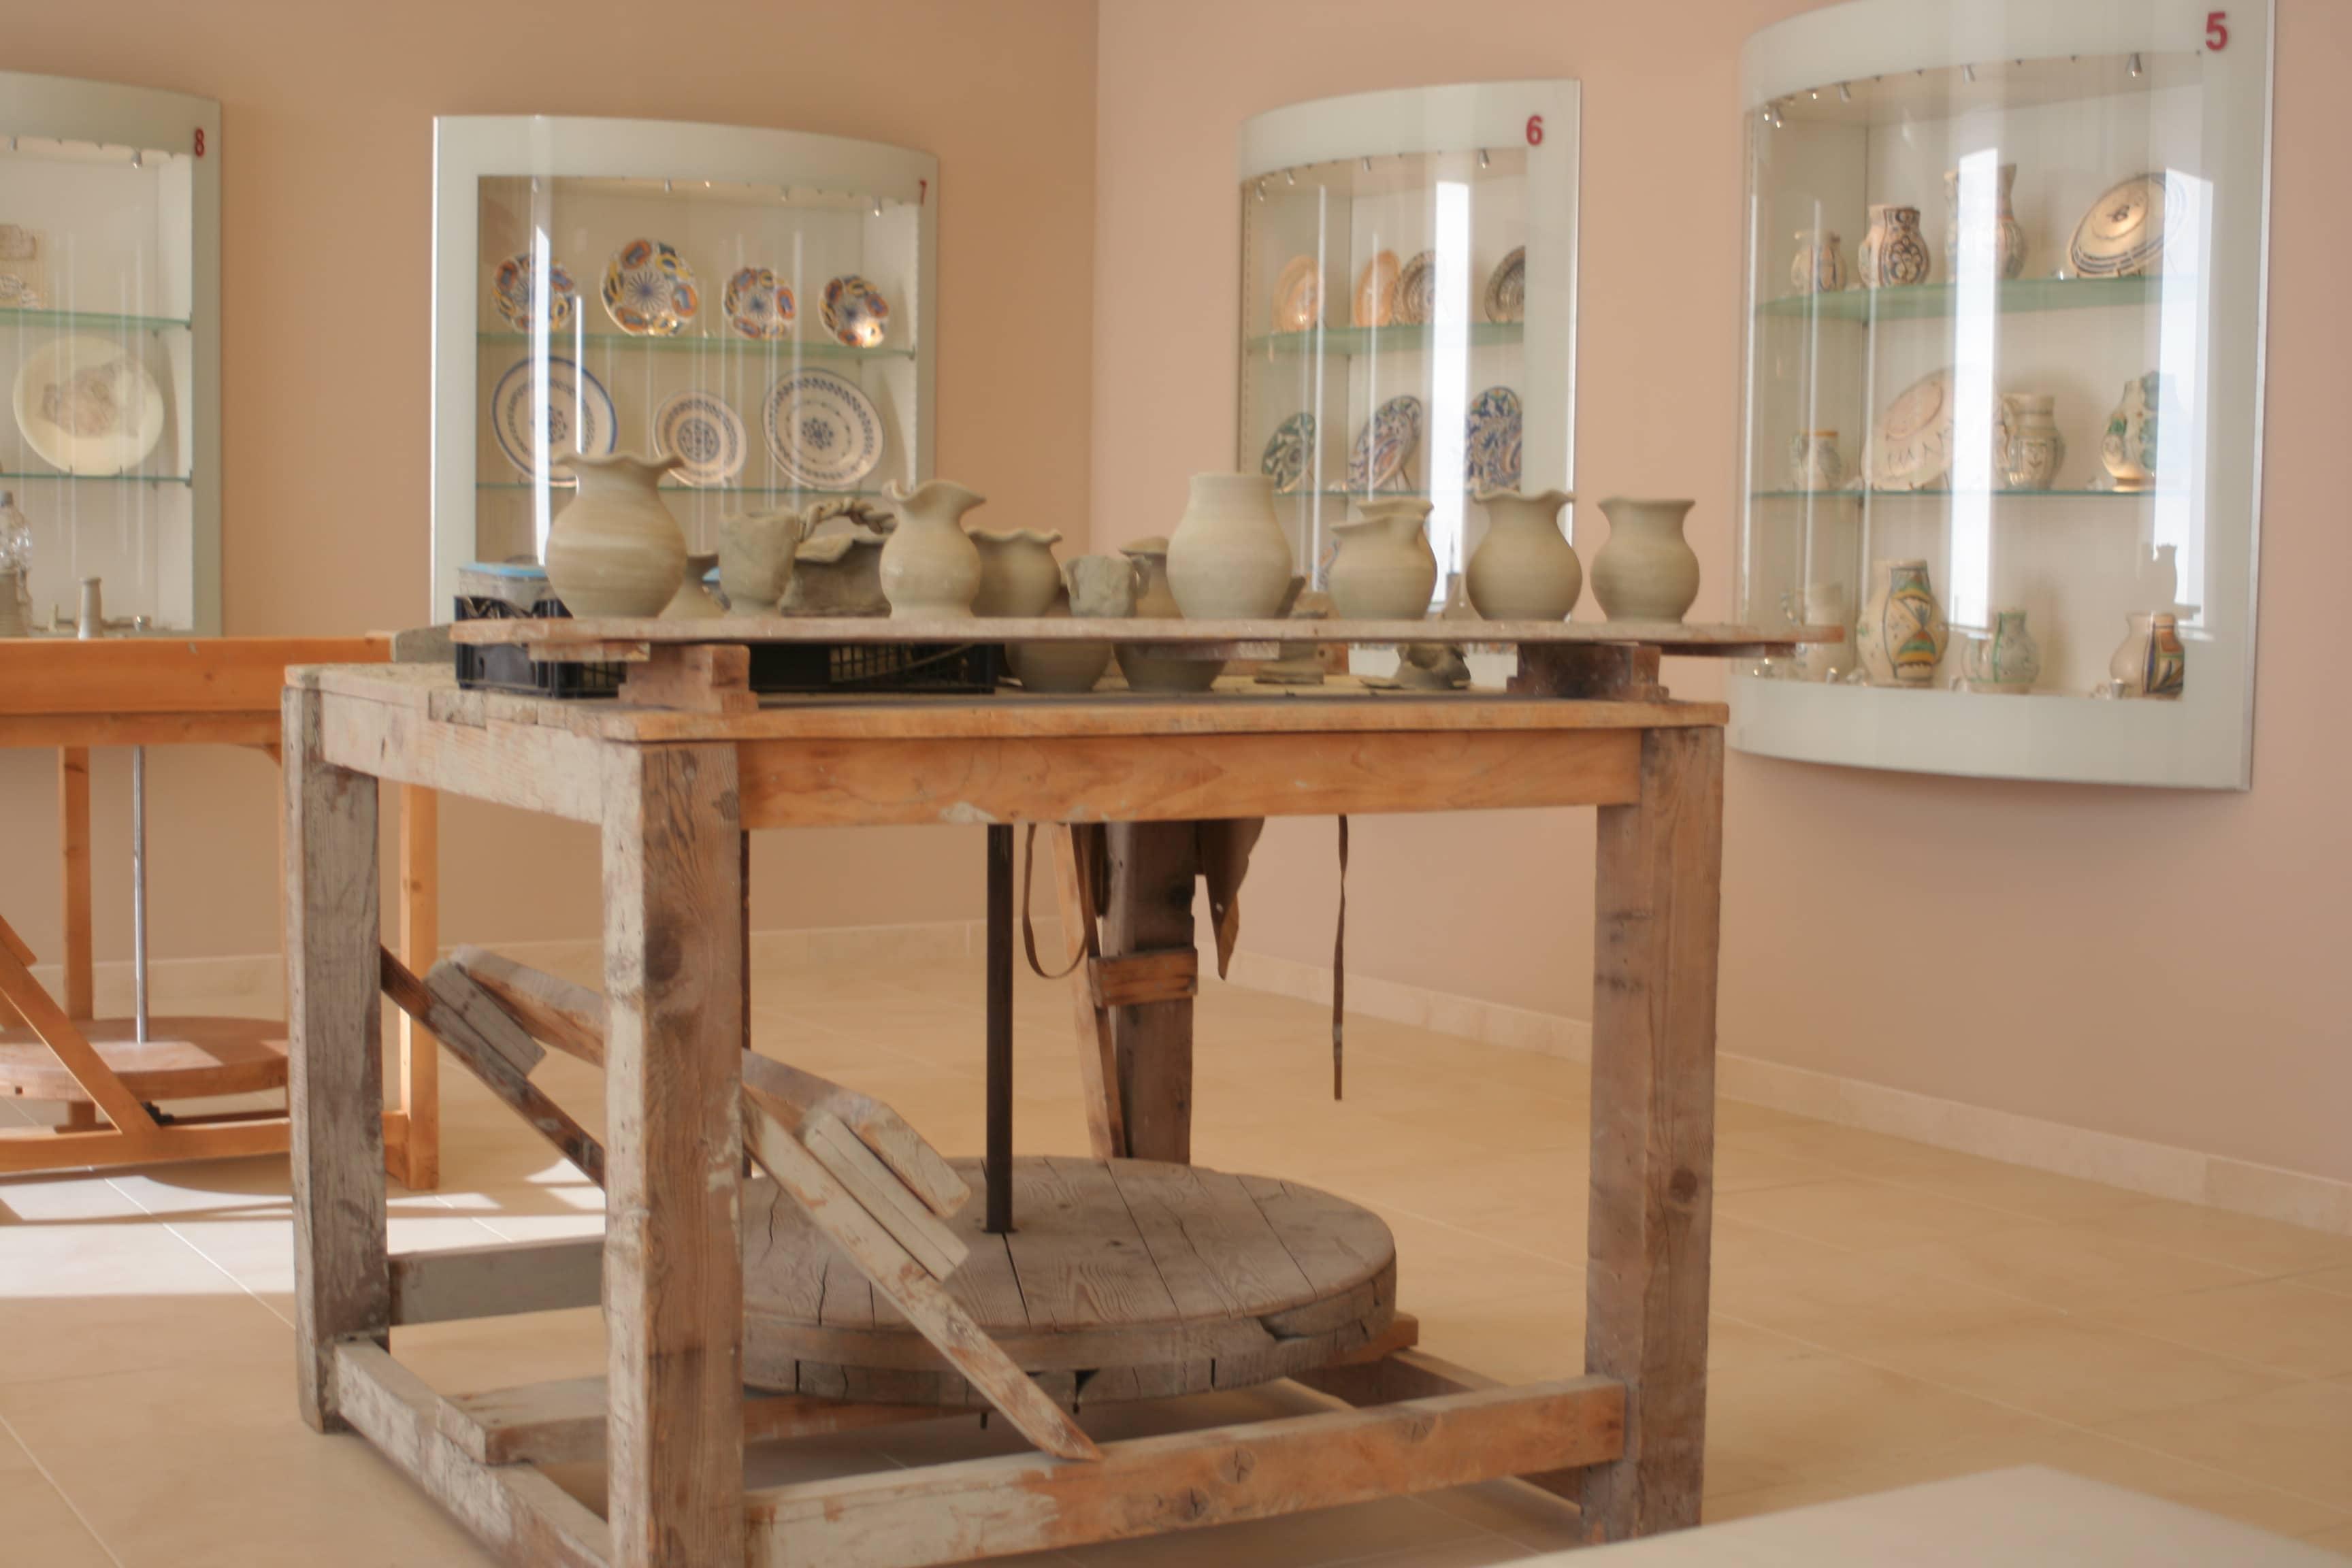 Ceramiche Toscane Montelupo Fiorentino museo della ceramica di montelupo fiorentino - artour